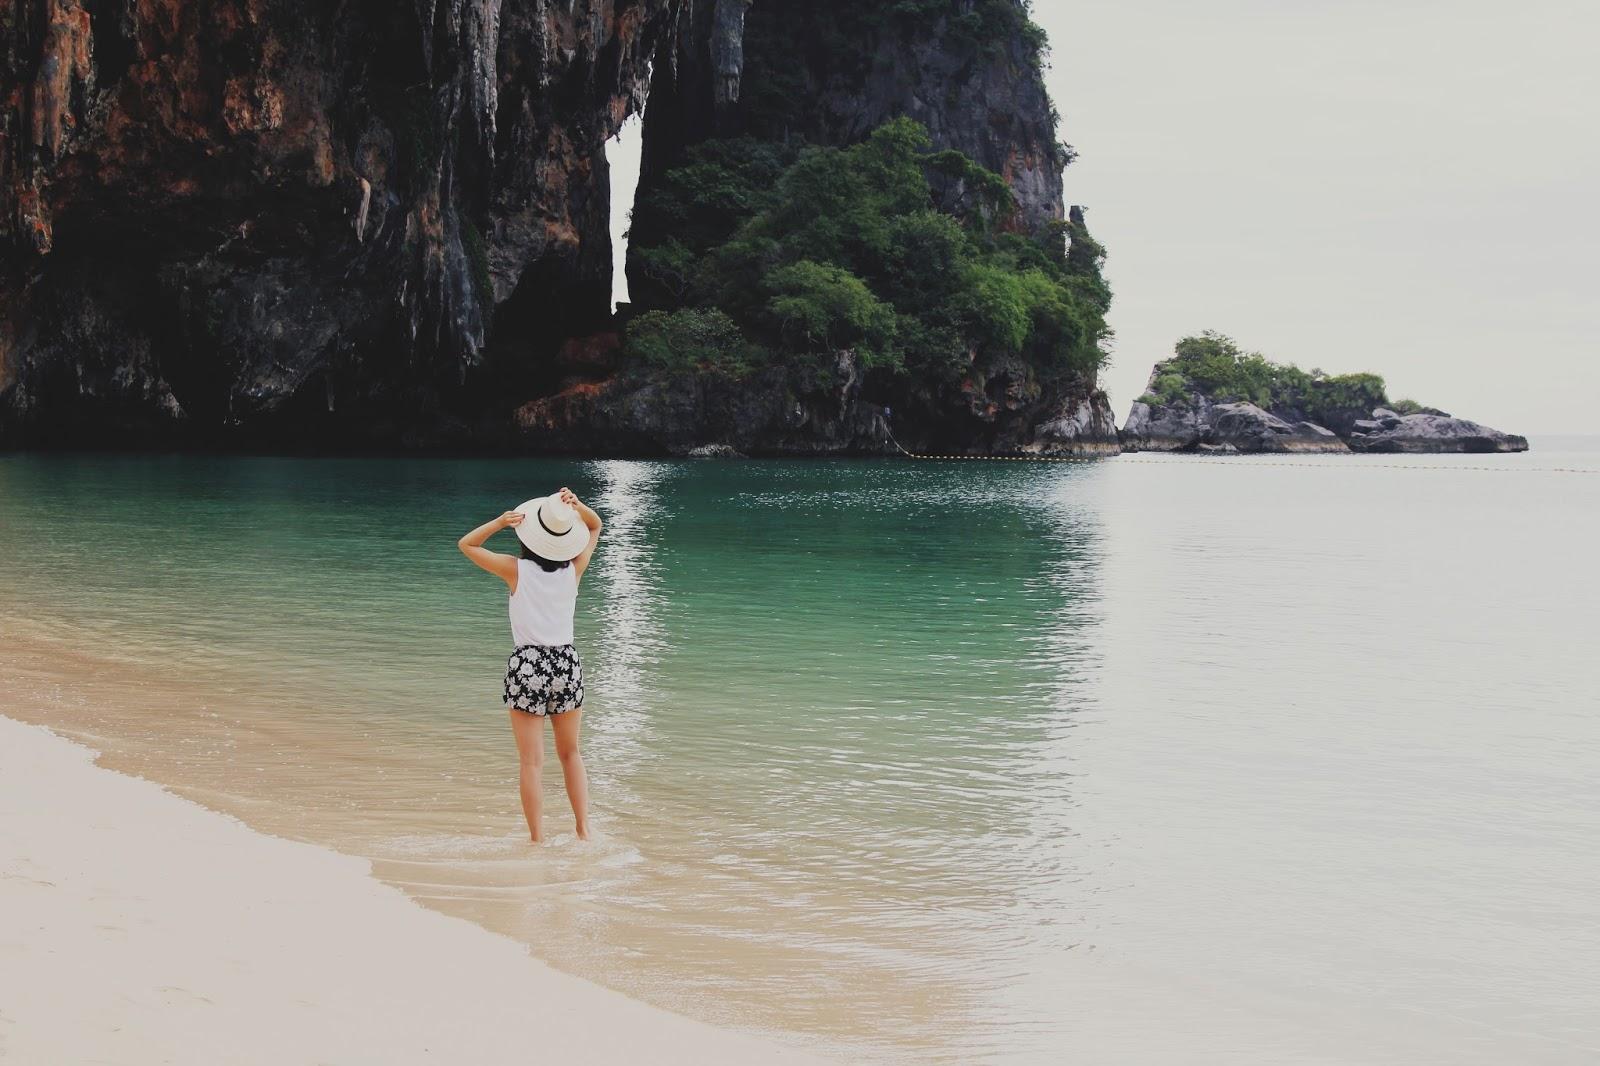 Plaża, dziewczyna